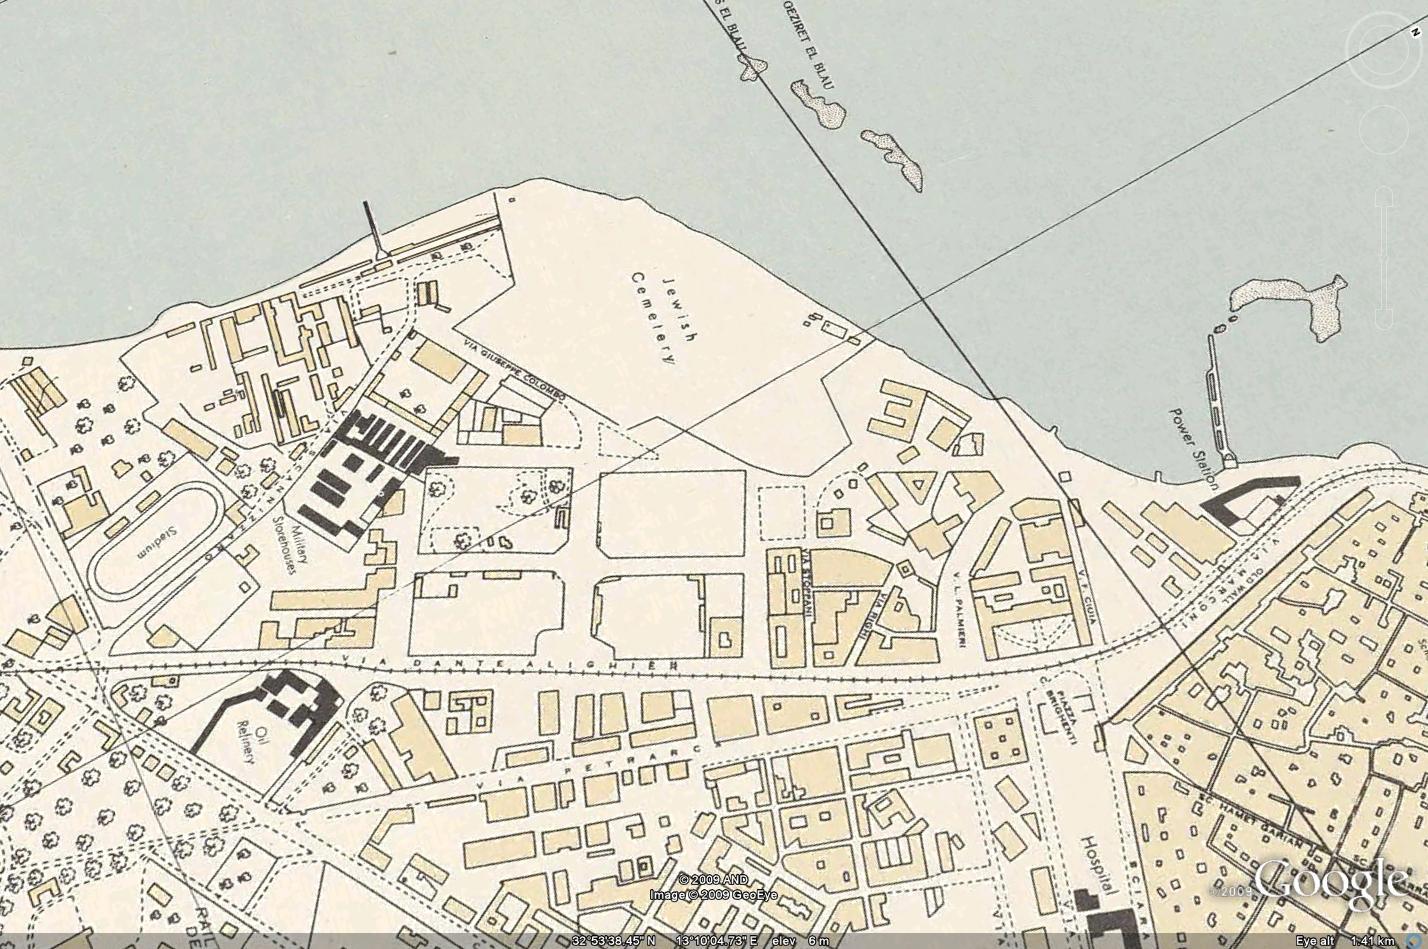 منطقة الأبراج في الساحل 1943 (هل أرى مقبرة لليهود؟)